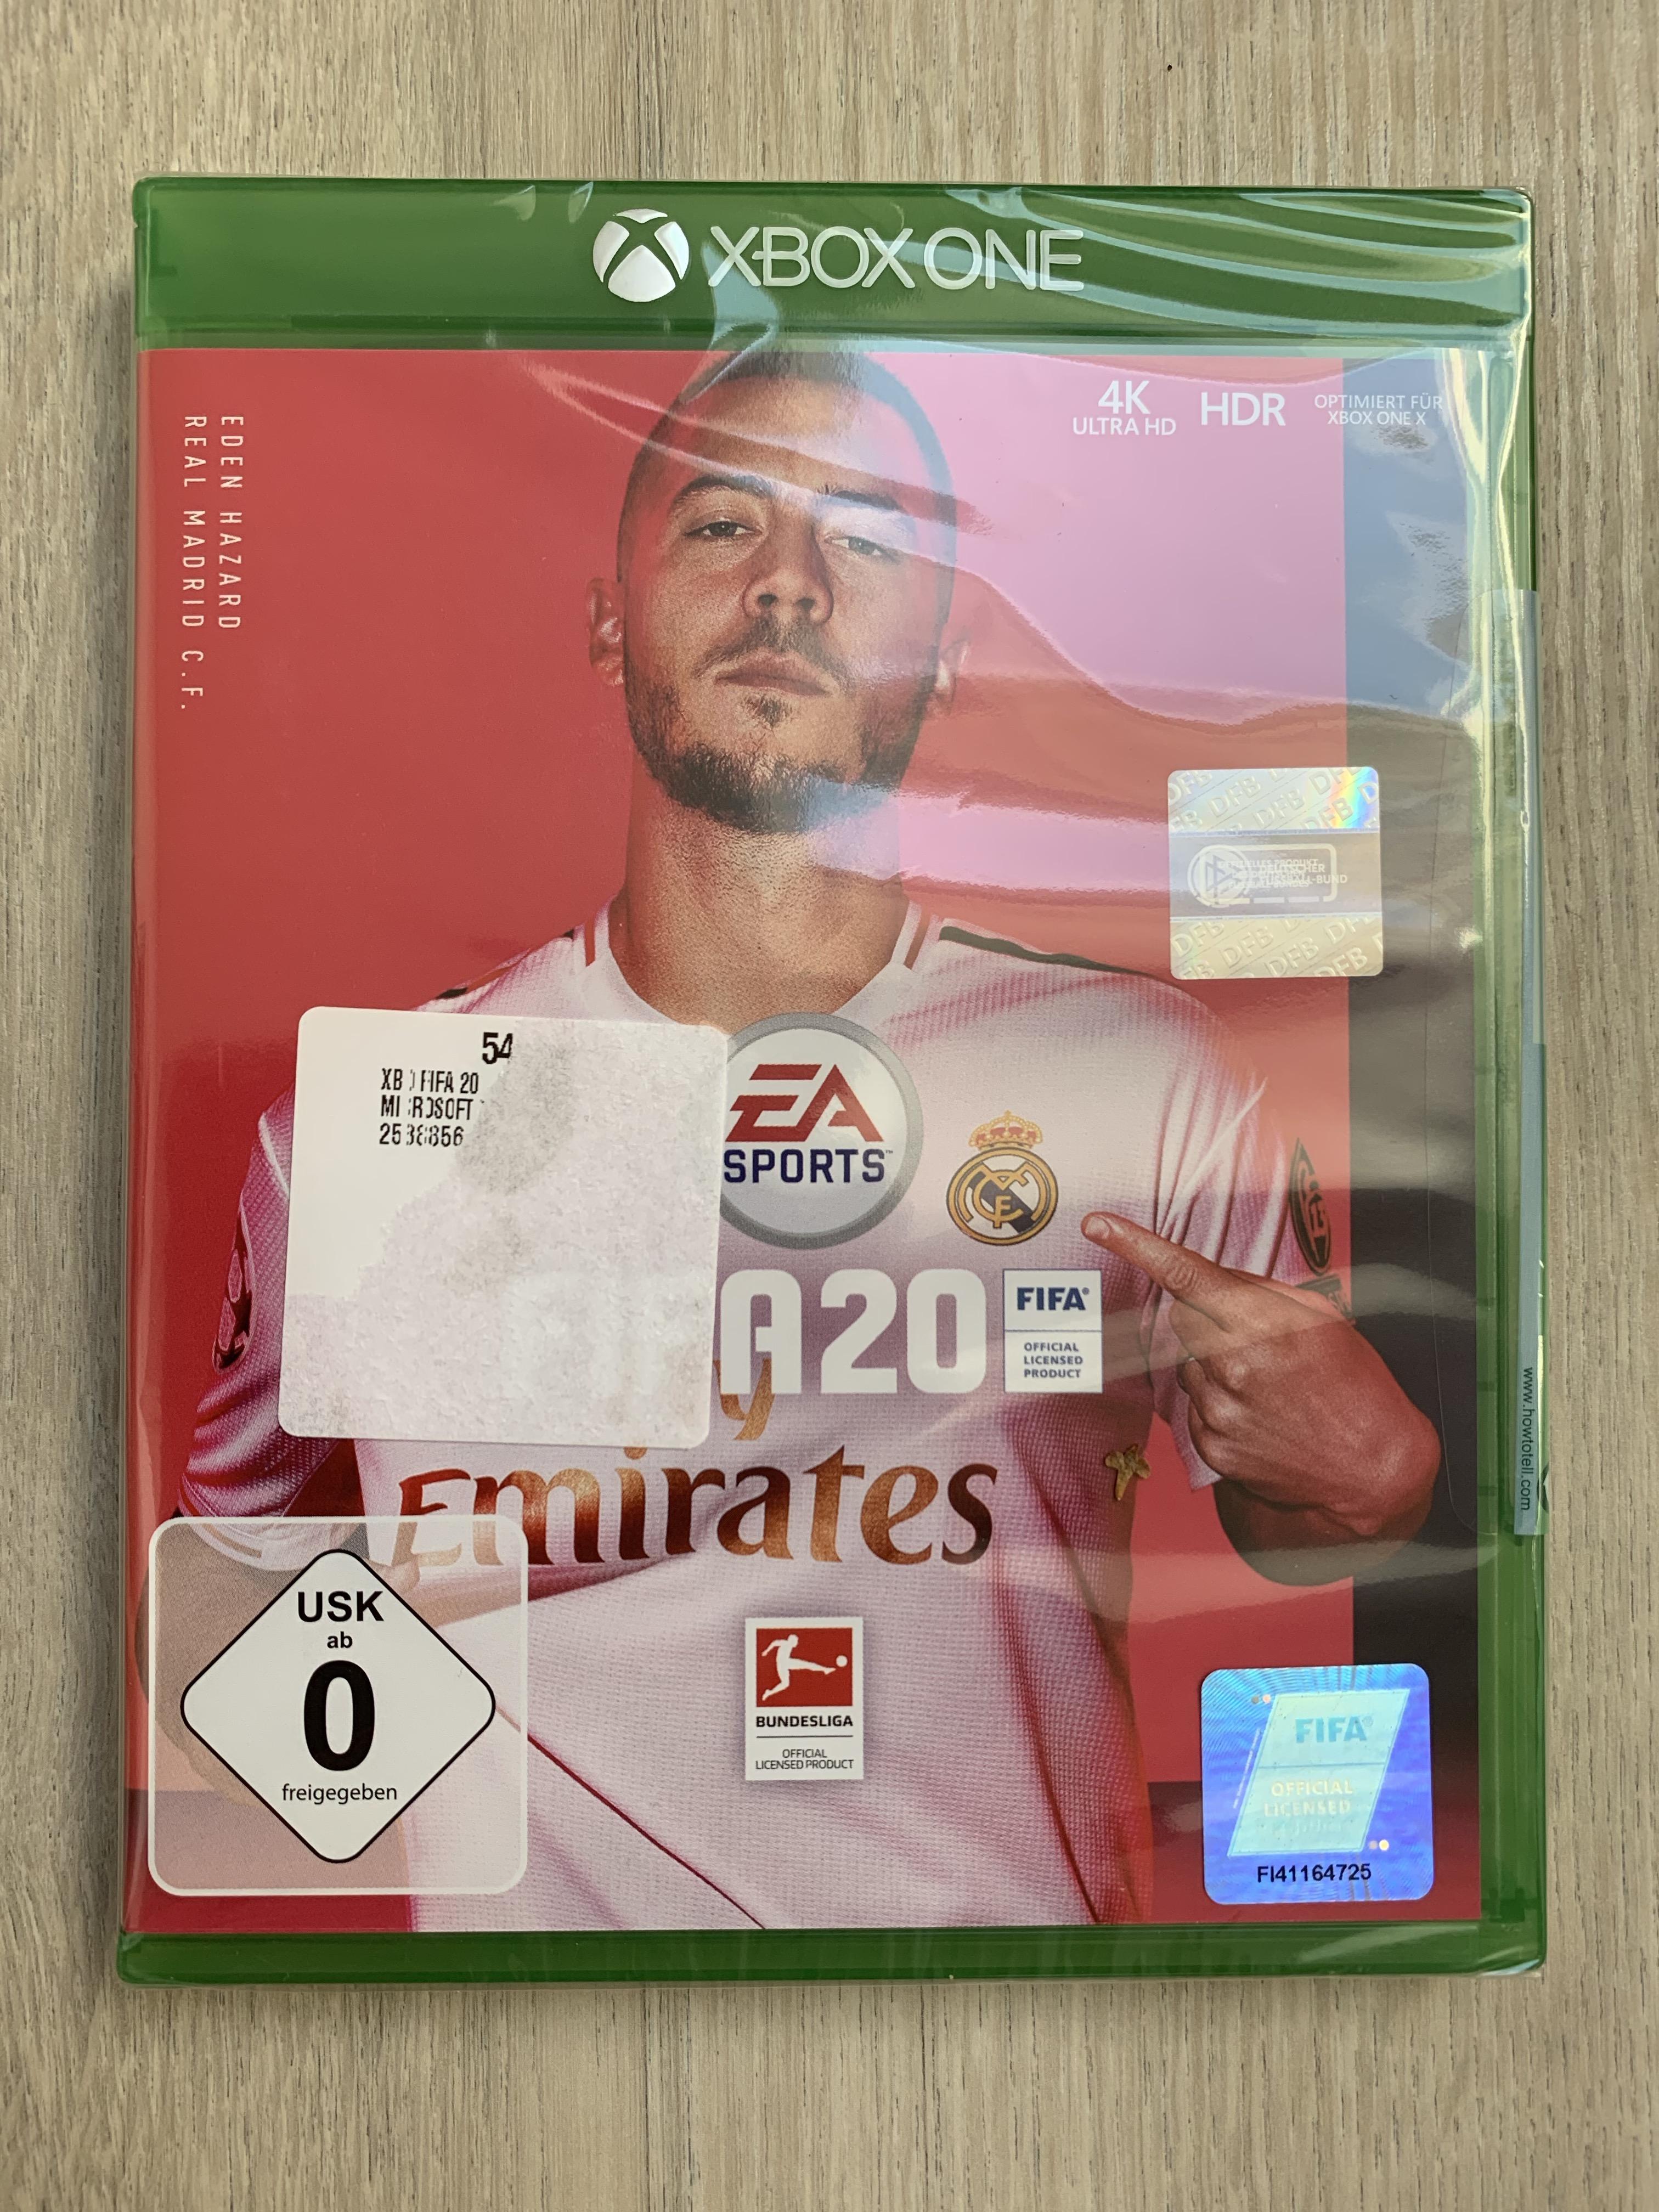 """(Lokal Saturn Wuppertal) Xbox One Spiele """"Fifa 20"""" und """"Baldurs Gate Bundle"""" für 4,87 € und The Outer Worlds für 8,77 €"""